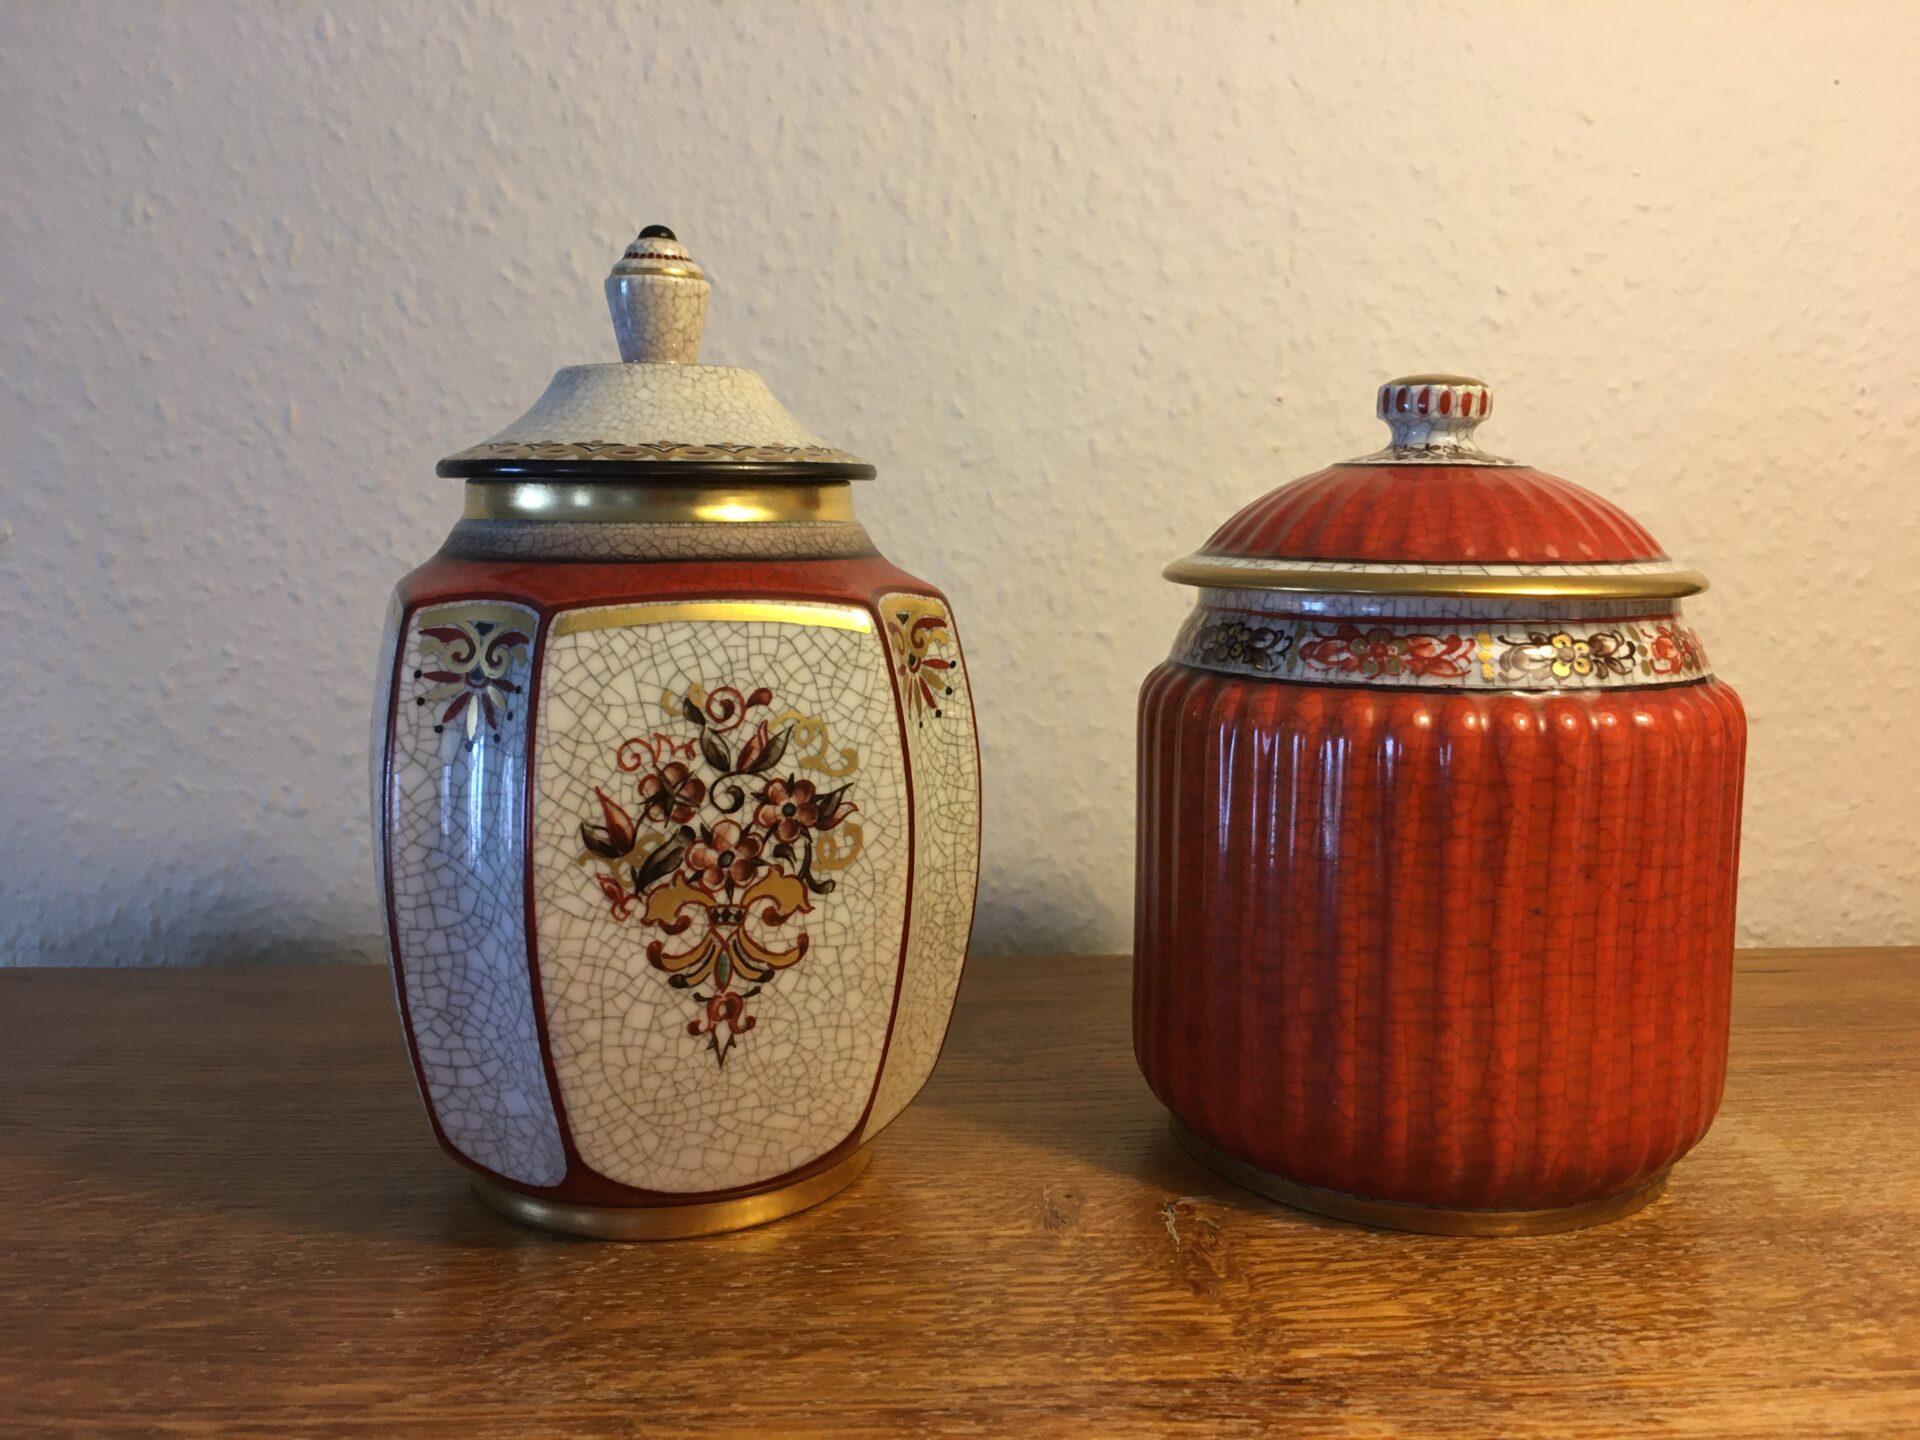 Dahl Jensen, lågkrukker, krakkelé porcelæn, 1. sortering (nr. 196/600 og 225/666), pr. stk 500 kr